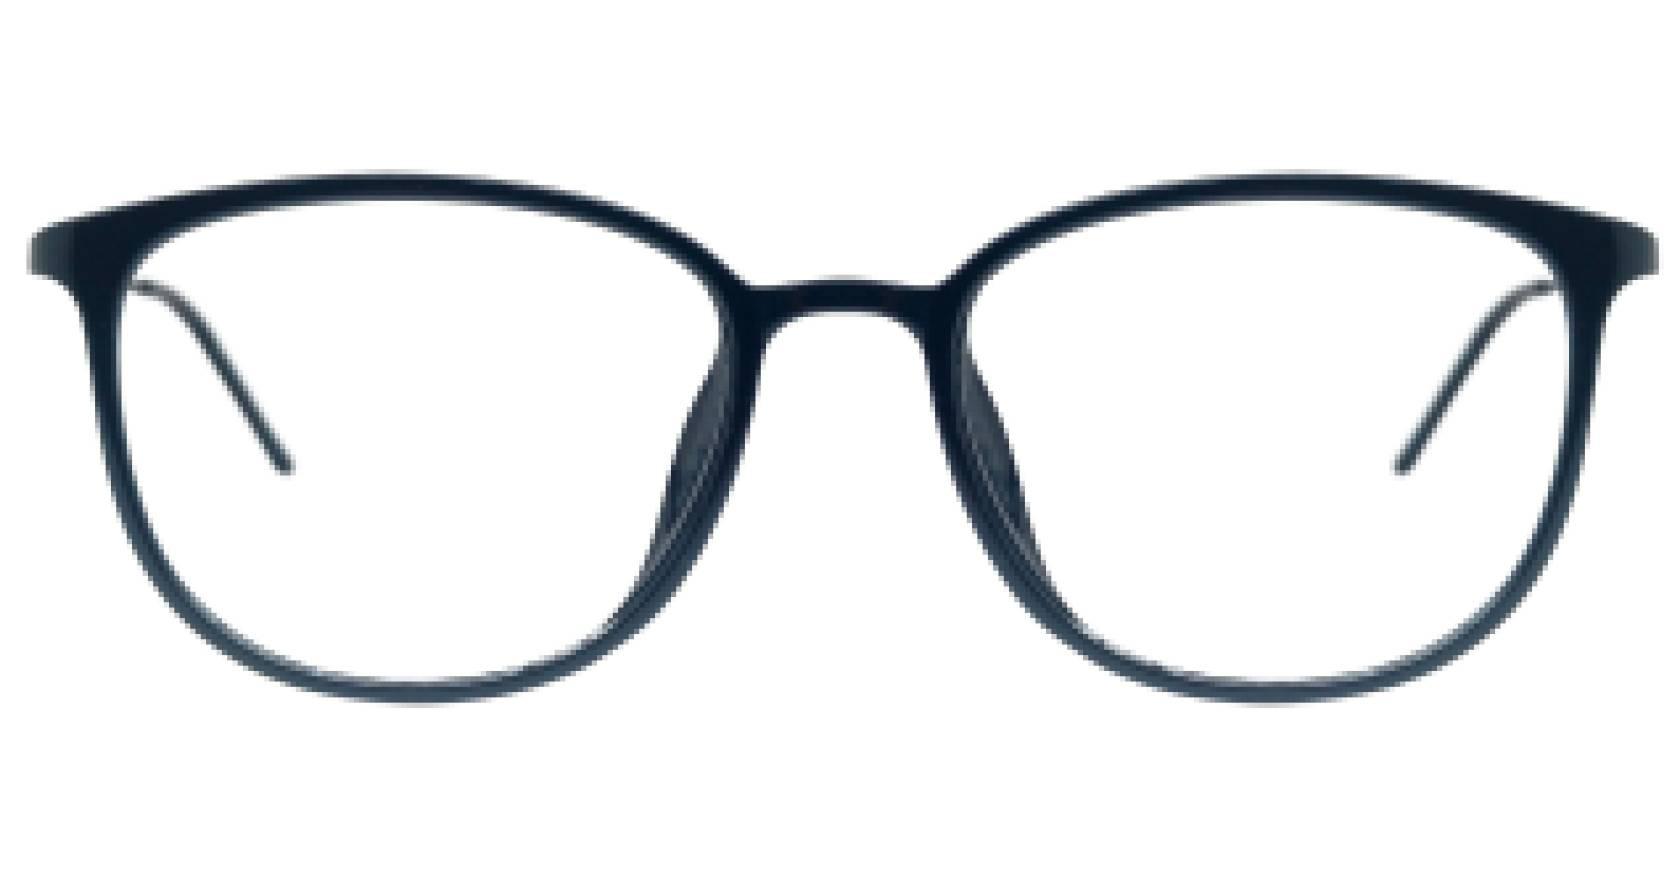 imagen miniatura frontal de la referencia 100839